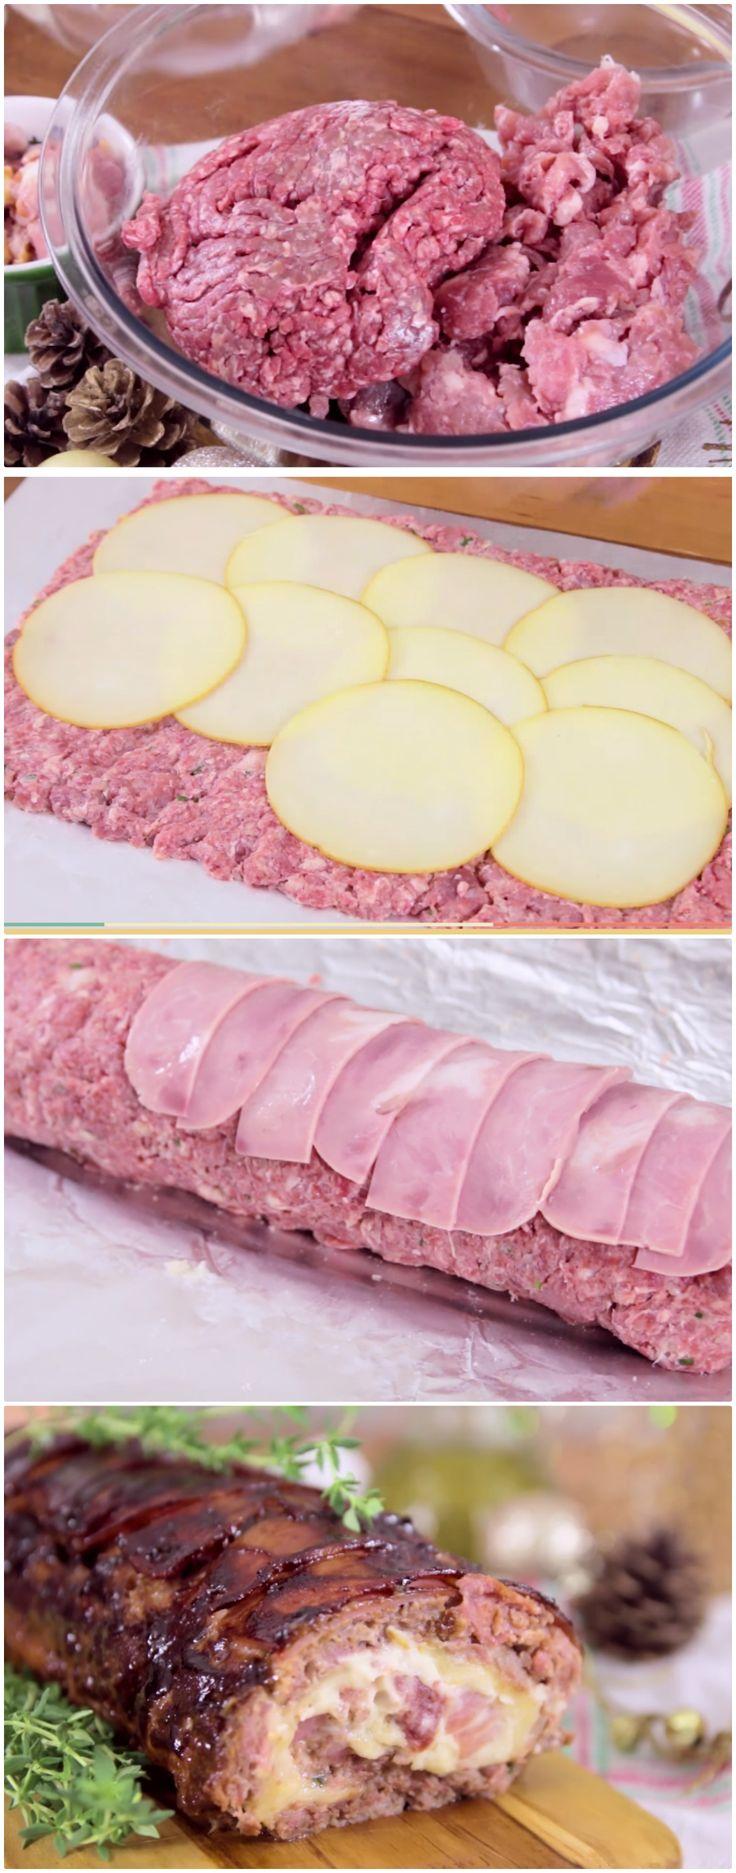 ROCAMBOLE DE CARNE E PROVOLONE FACIL #carnes #carne #rocamboledecarneeprovolone #rocamboledecarnefacil #rocamboledecarnerapido #rocamboledecarnebarato